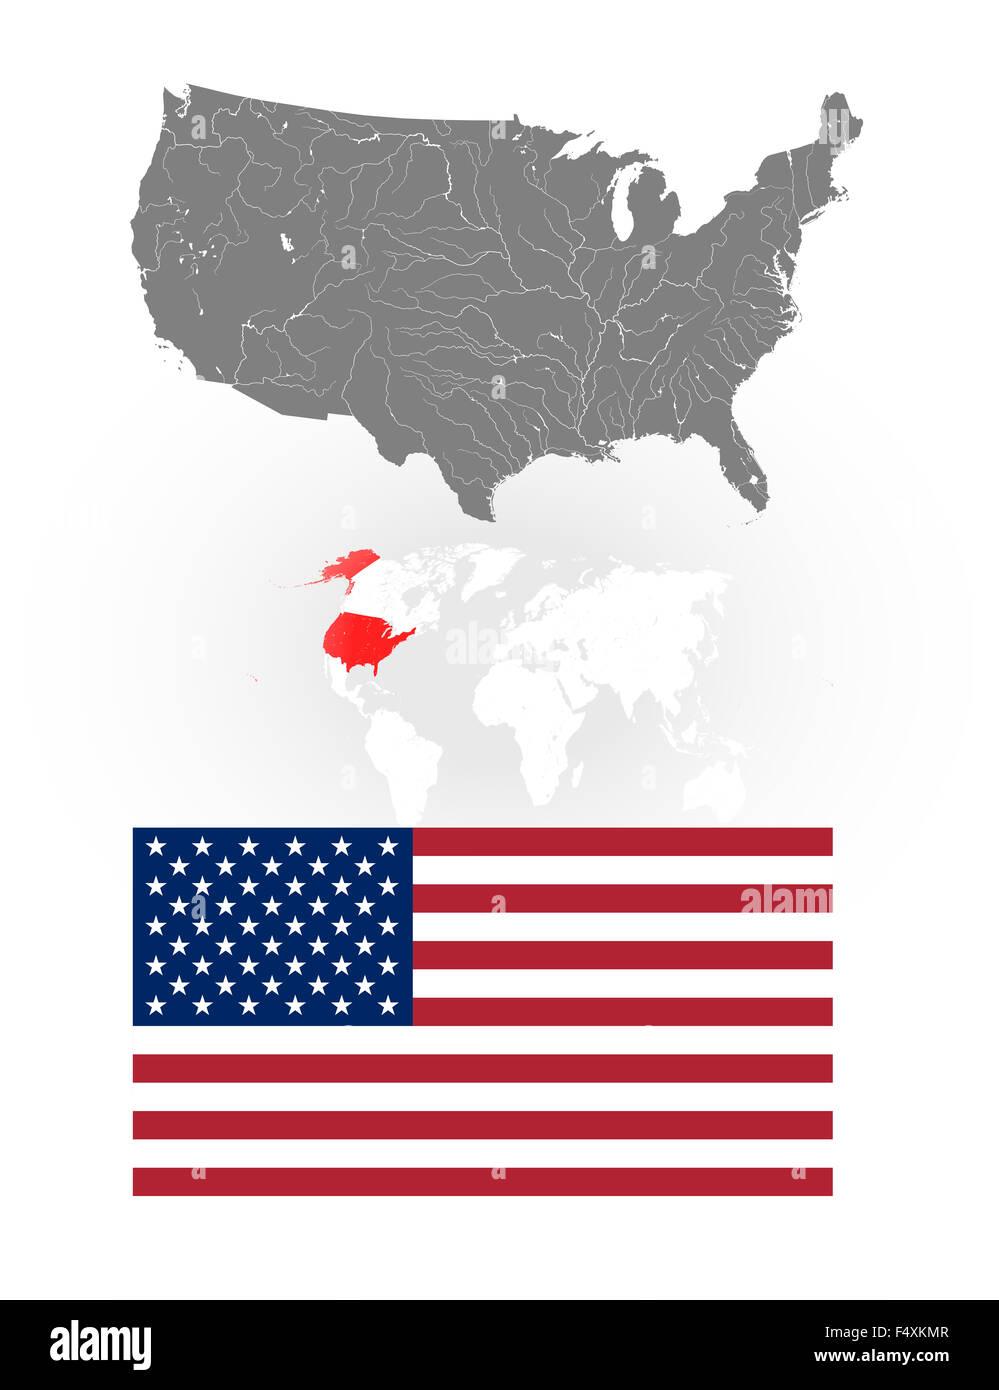 Fein Amerikanische Flaggenfarbseite Bilder - Entry Level Resume ...